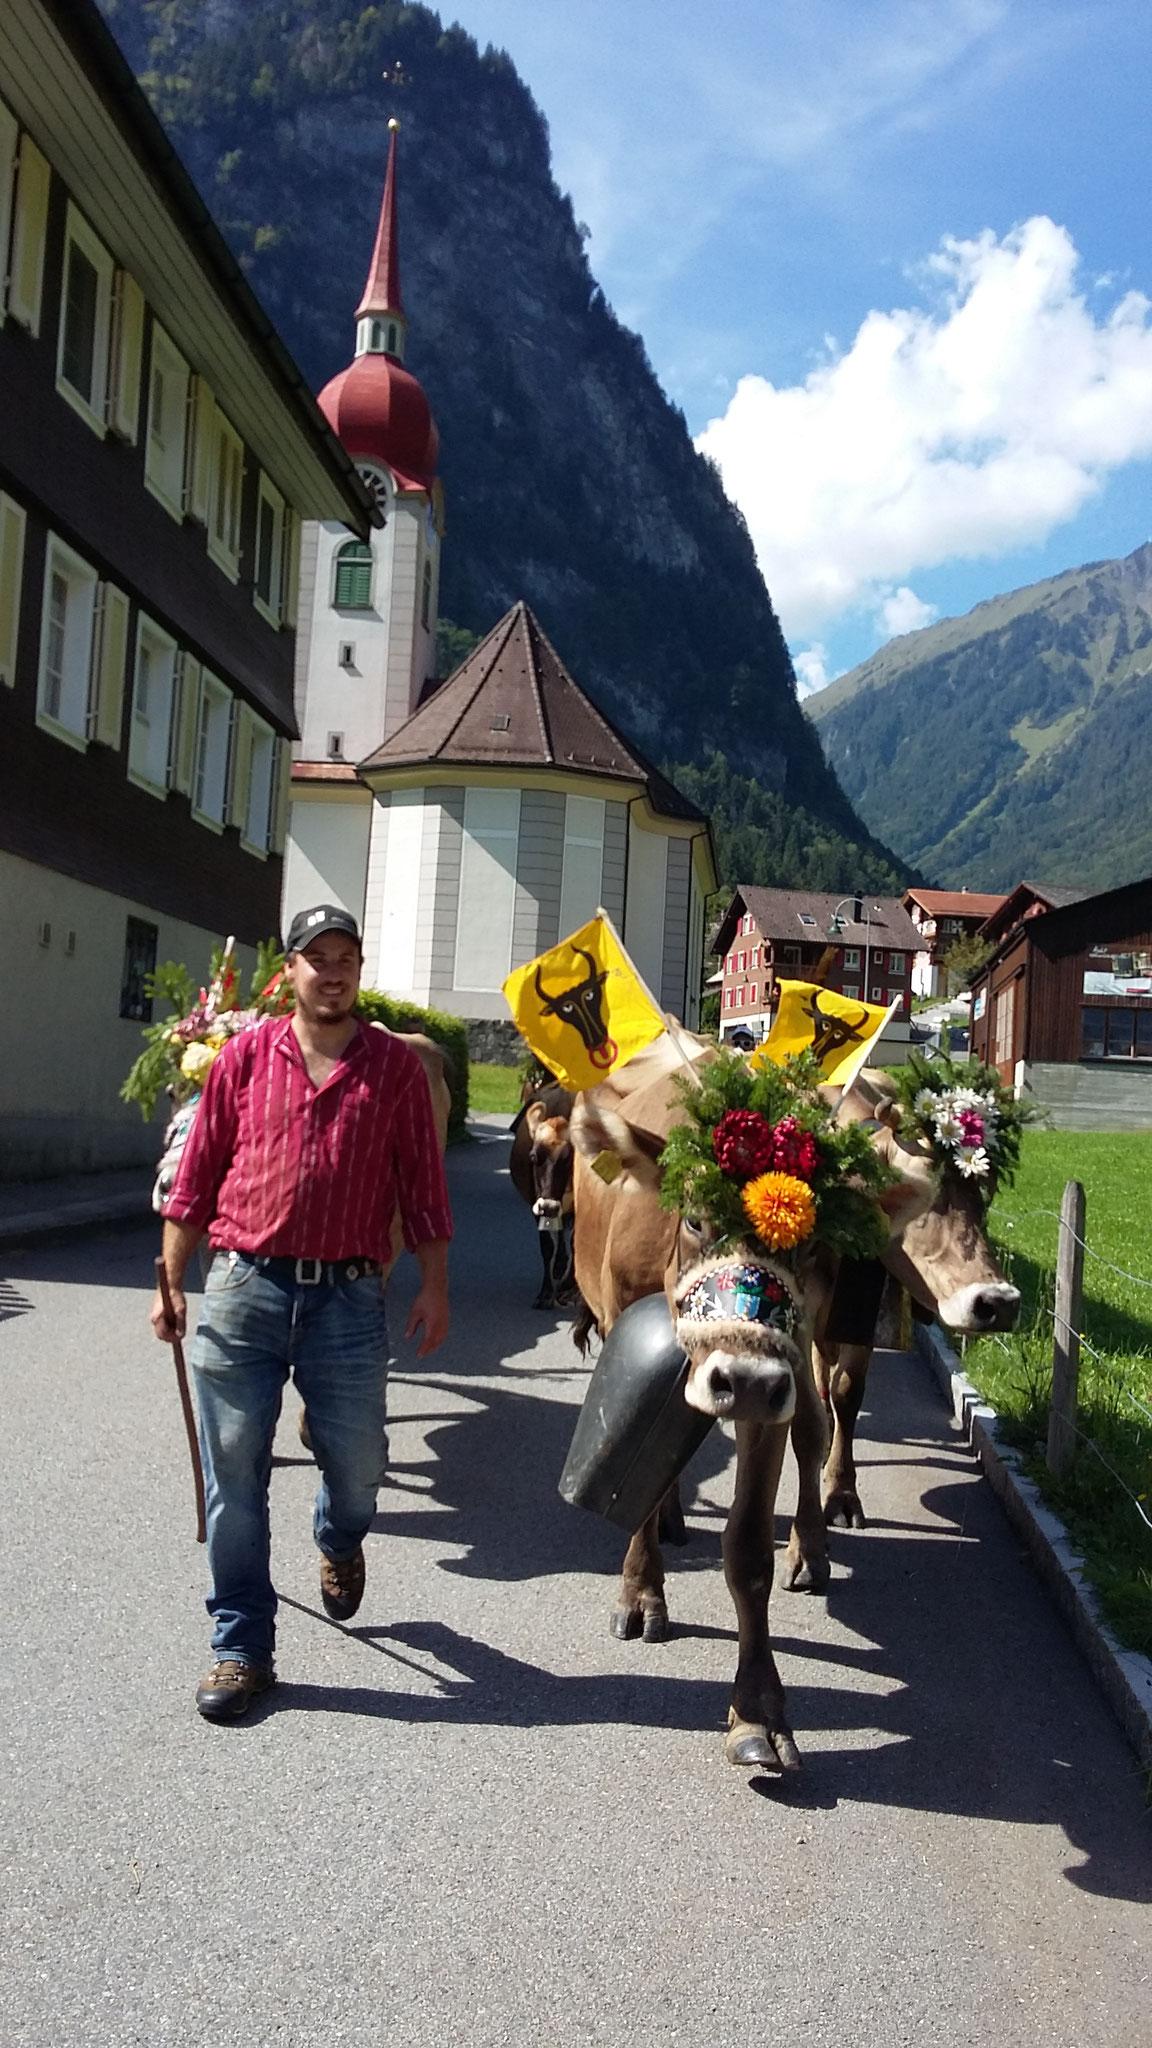 Mit Glockengeläut und Blumenschmuck ziehen wir durchs Dorf.